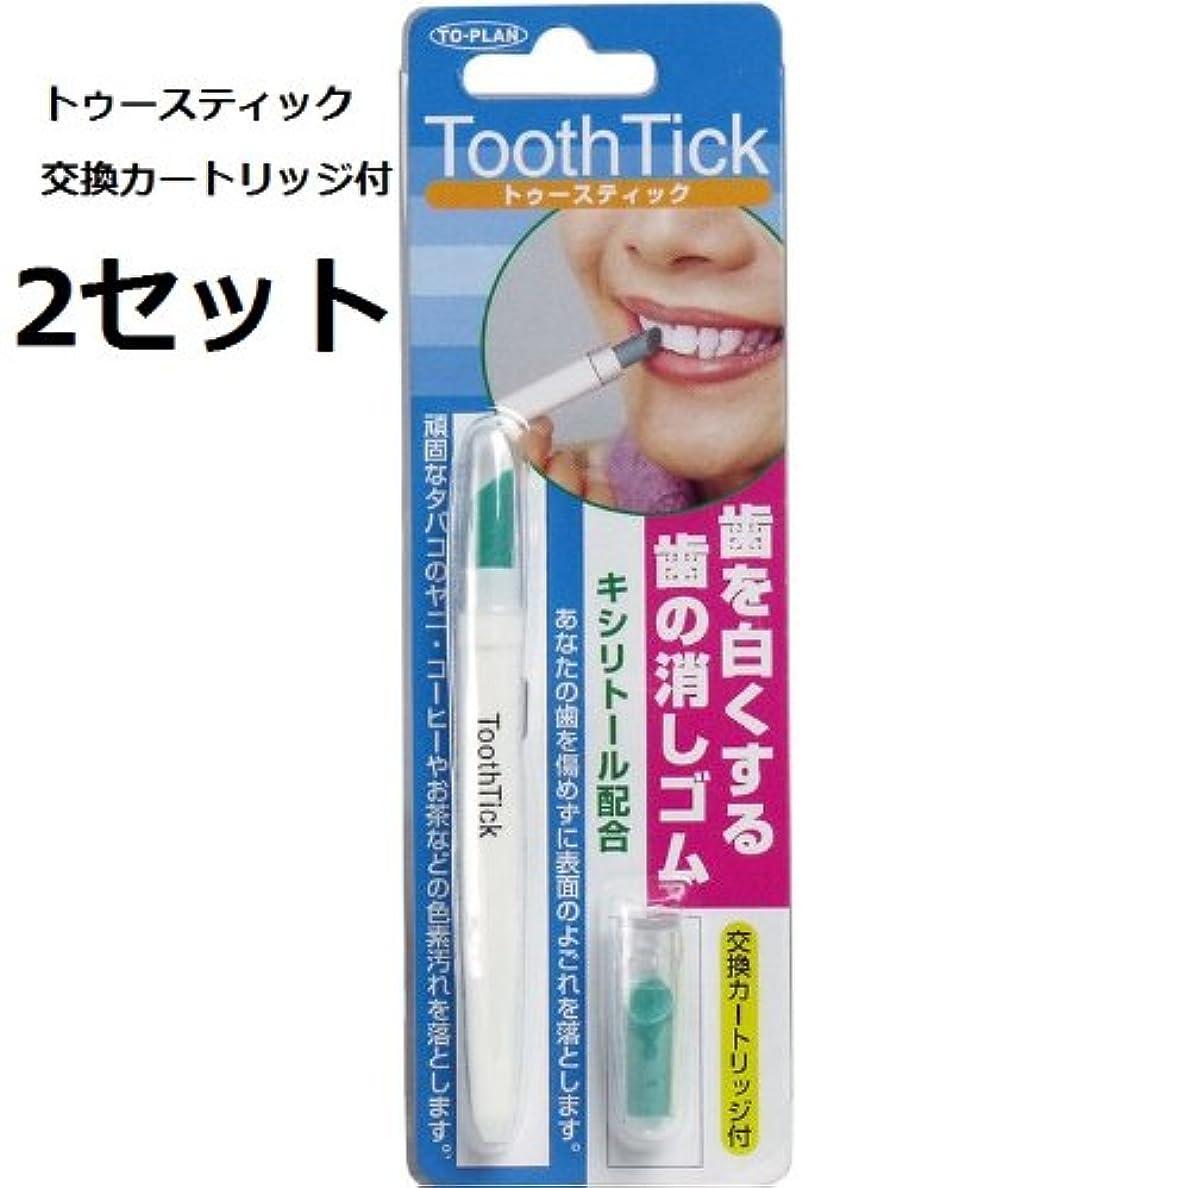 移行するファッション悪因子歯を白くする歯の消しゴム トゥースティック 交換カートリッジ付 2セット